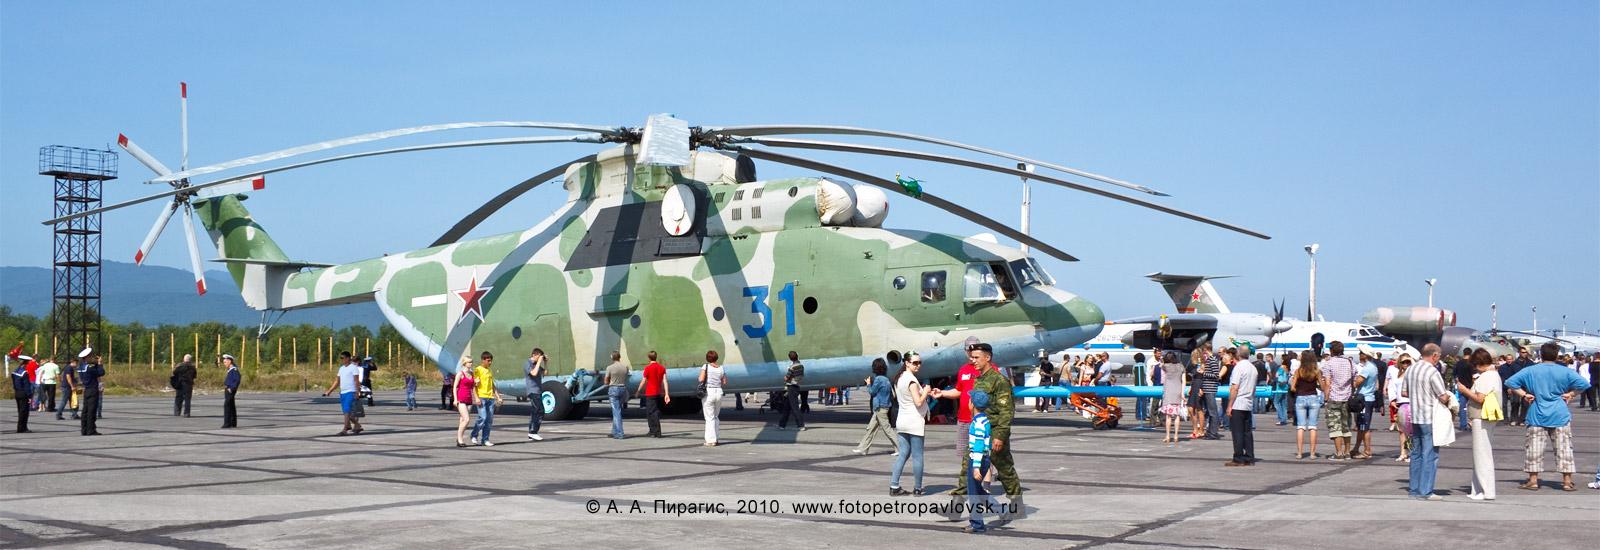 Фотография: Полуостров Камчатка — День Военно-воздушных сил Российской Федерации: военно-транспортный вертолет Ми-26 на военном аэродроме в Елизово